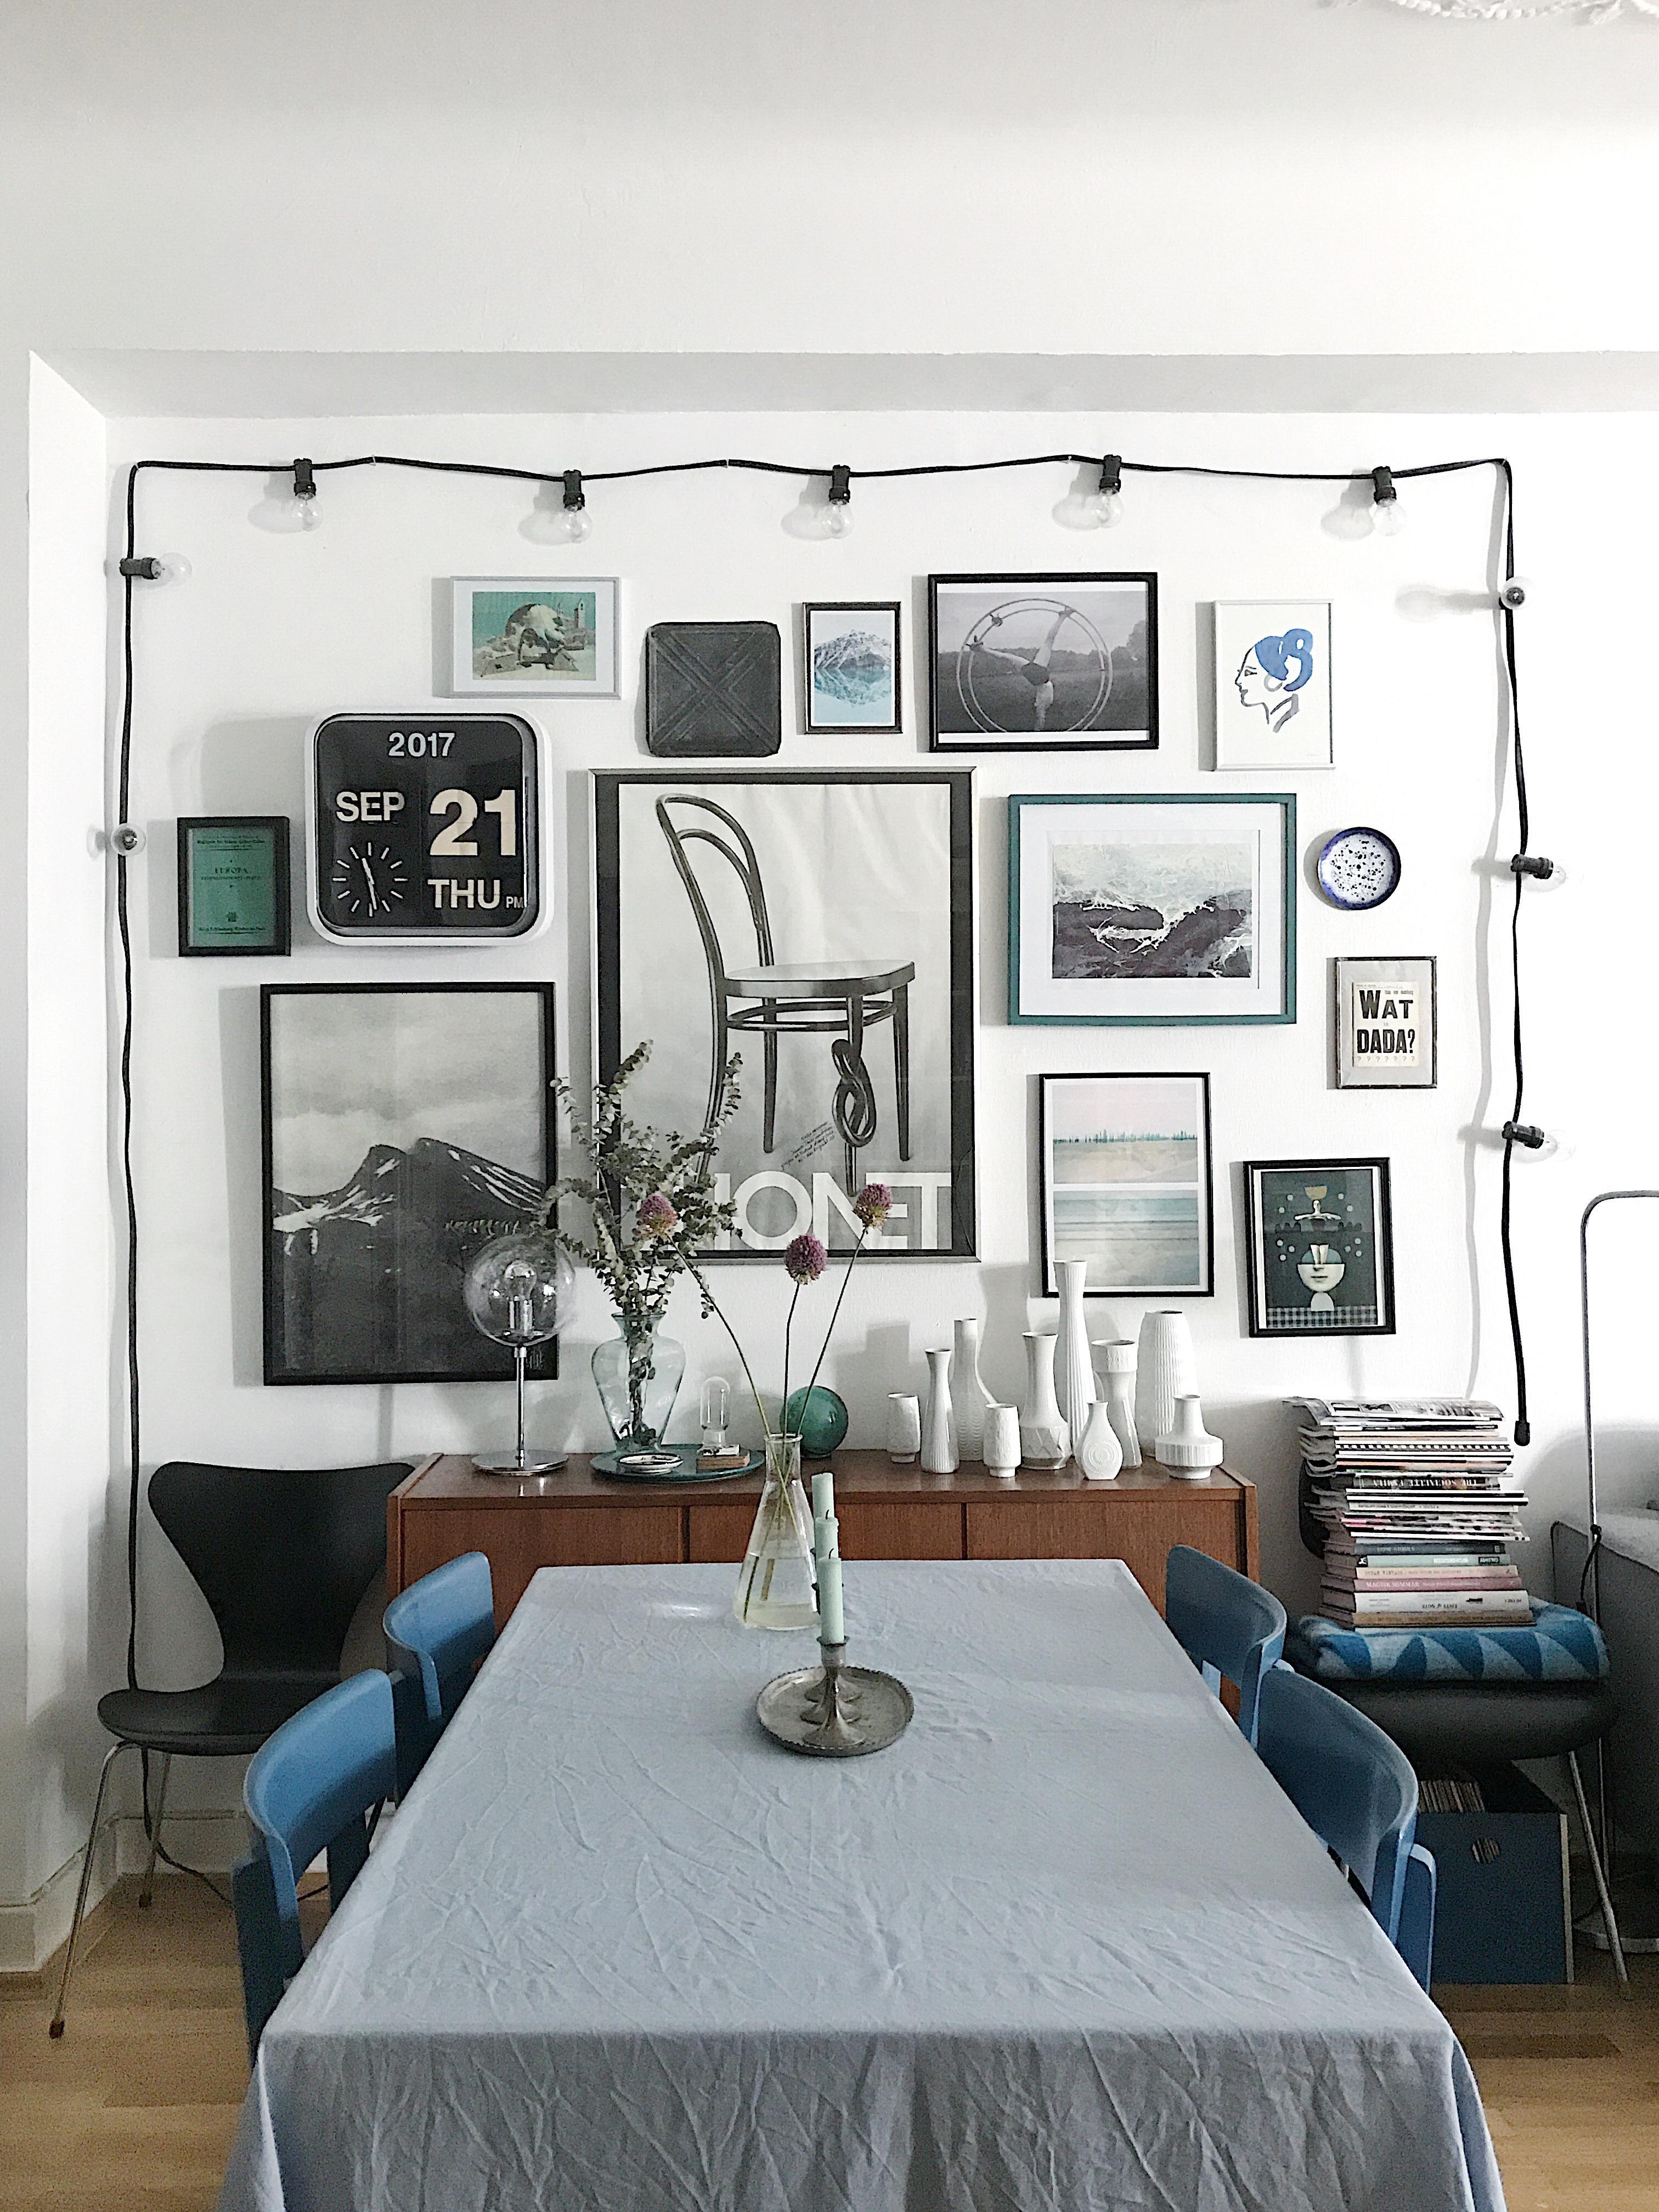 Die Bilder Wand Im Wohnzimmer #gallerywall #wohnzimmer